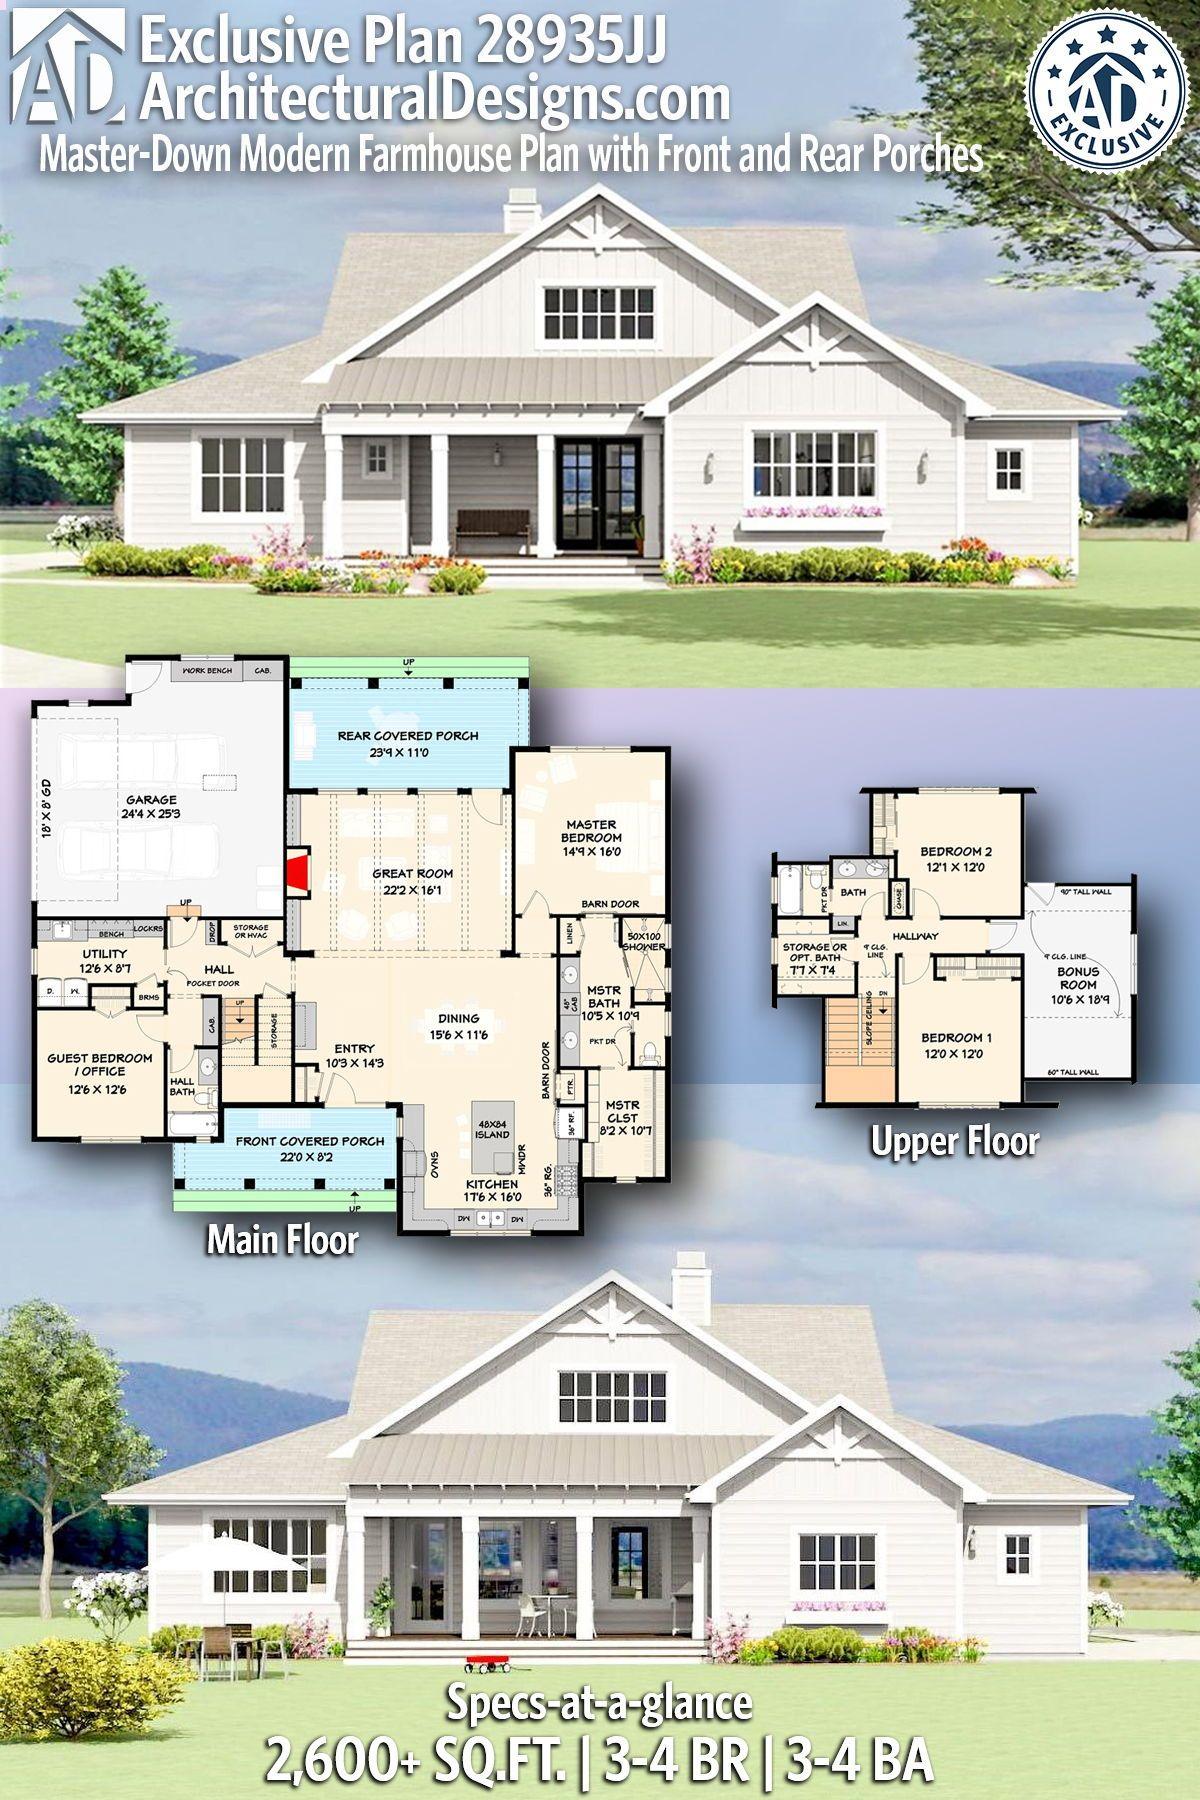 Plan 28935jj Master Down Modern Farmhouse Exclusive Plan